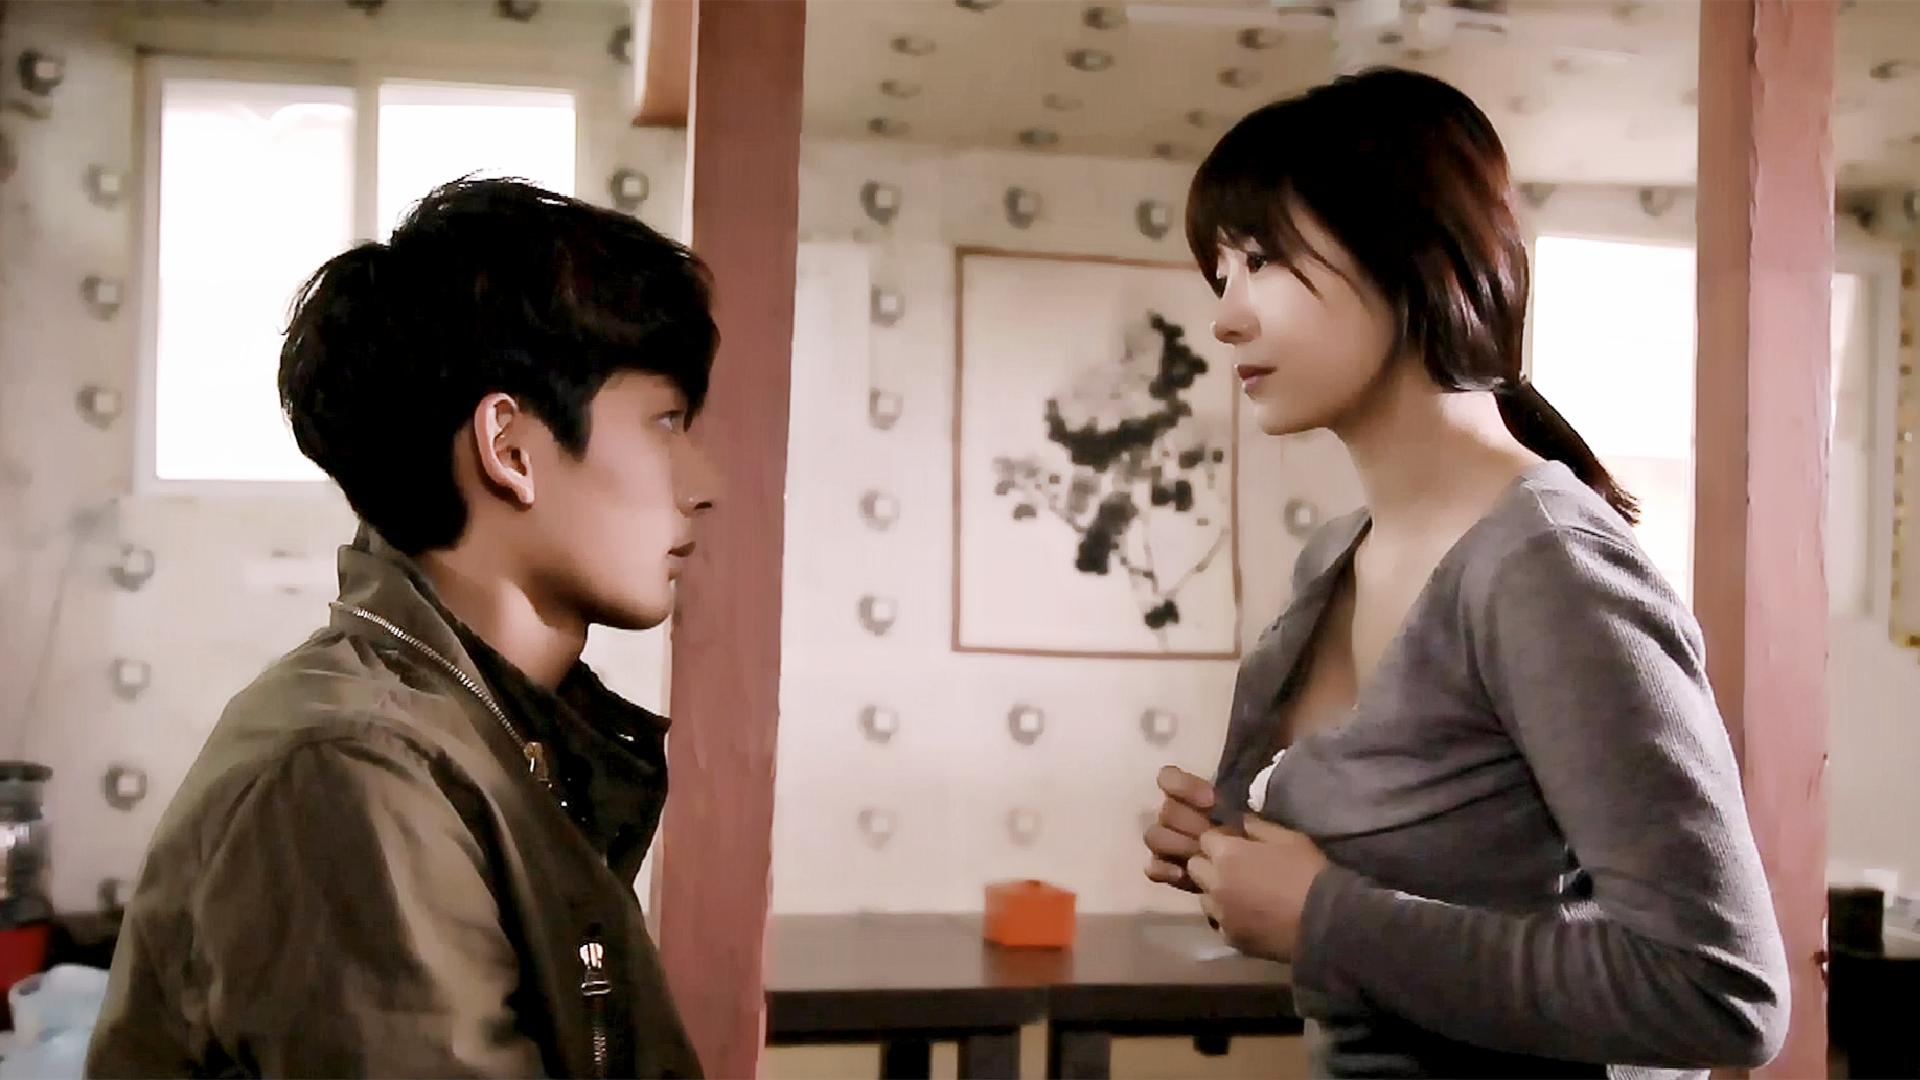 看了几千部电影,这是唯一让我颤抖的韩国片!